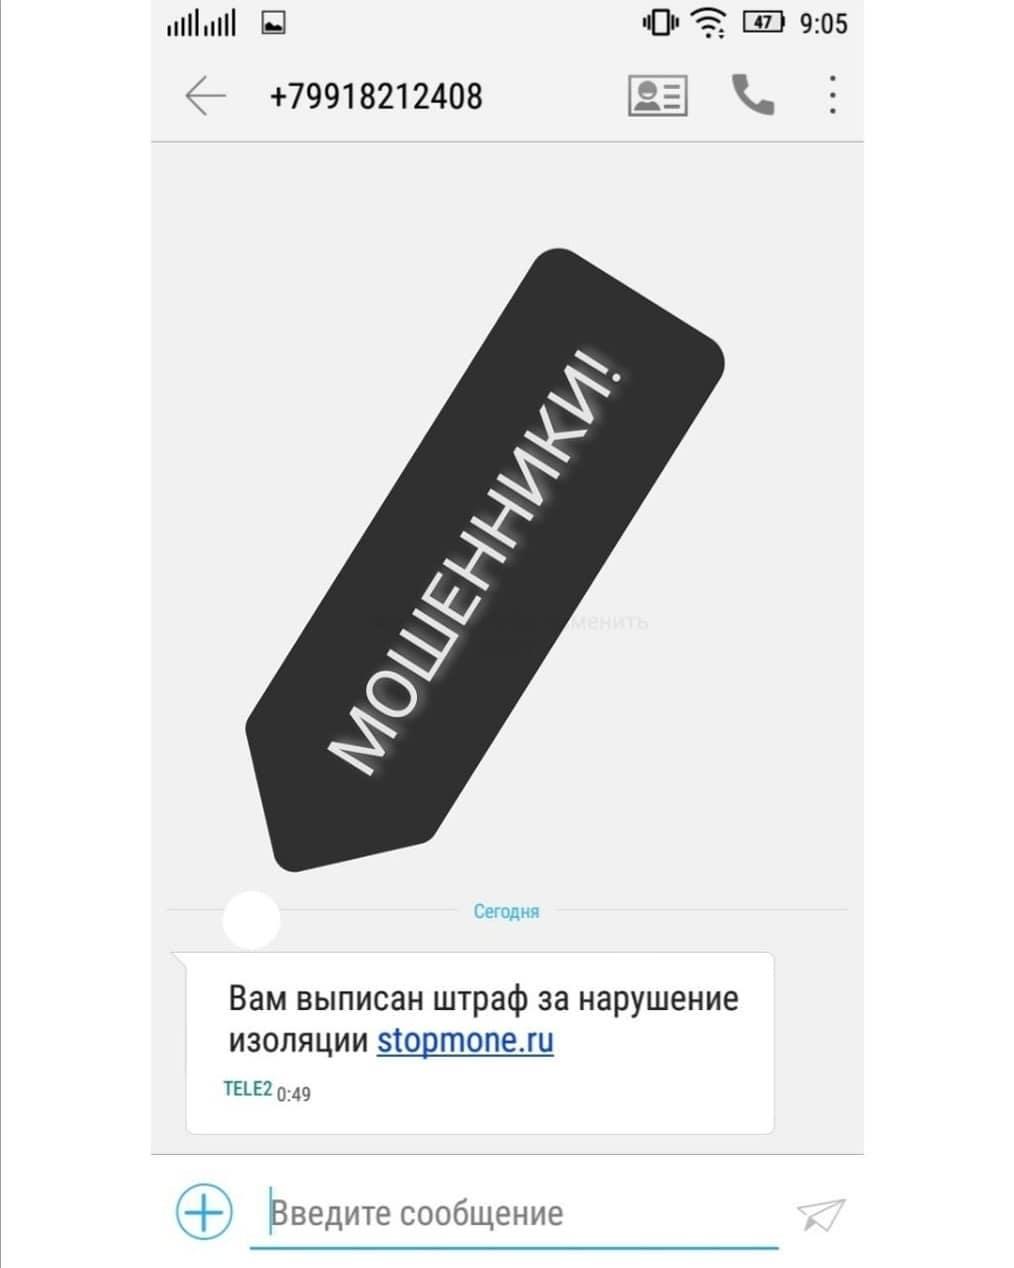 Волна новых фейков про коронавирус зафиксирована в Кузбассе